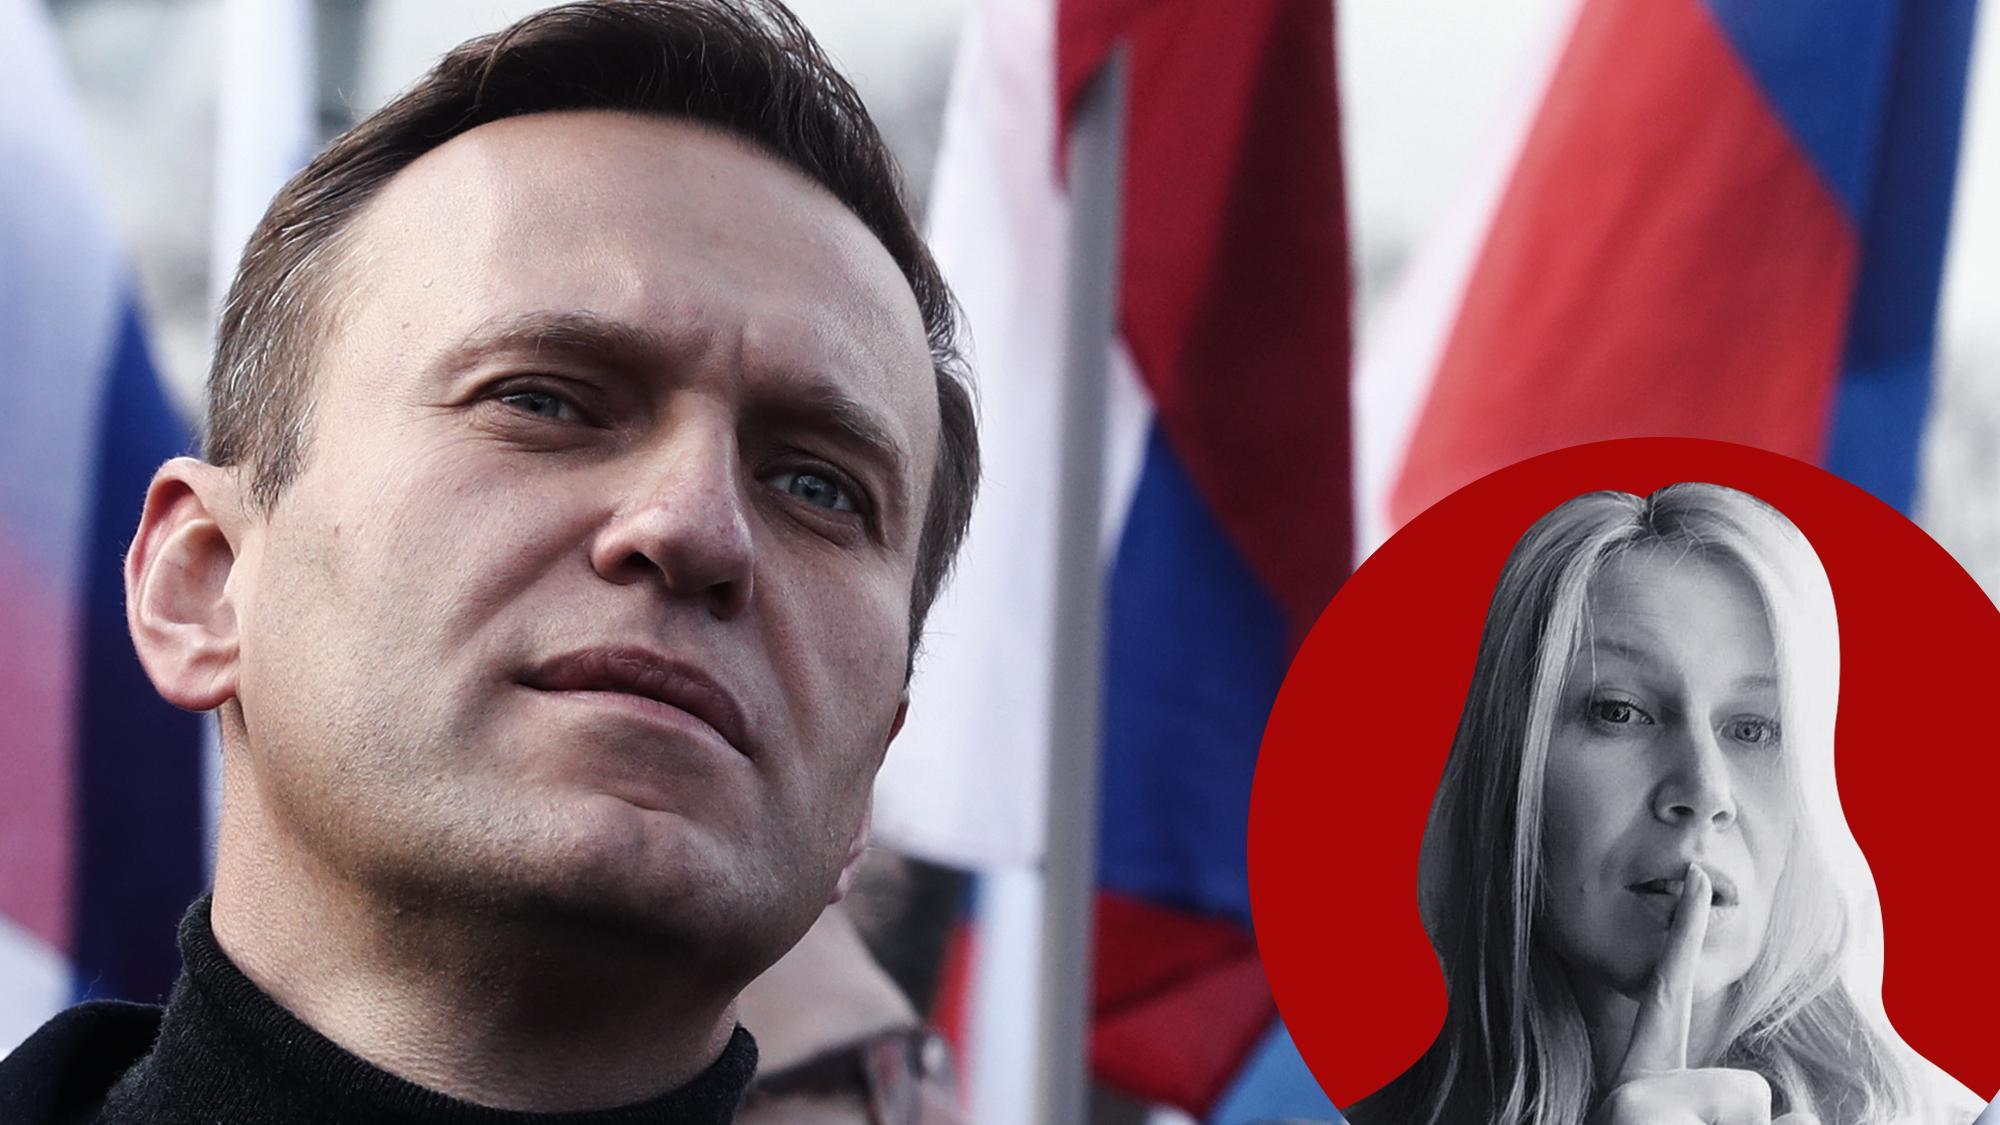 Карьера и доход Навального. Сколько платят за продажу Отечества